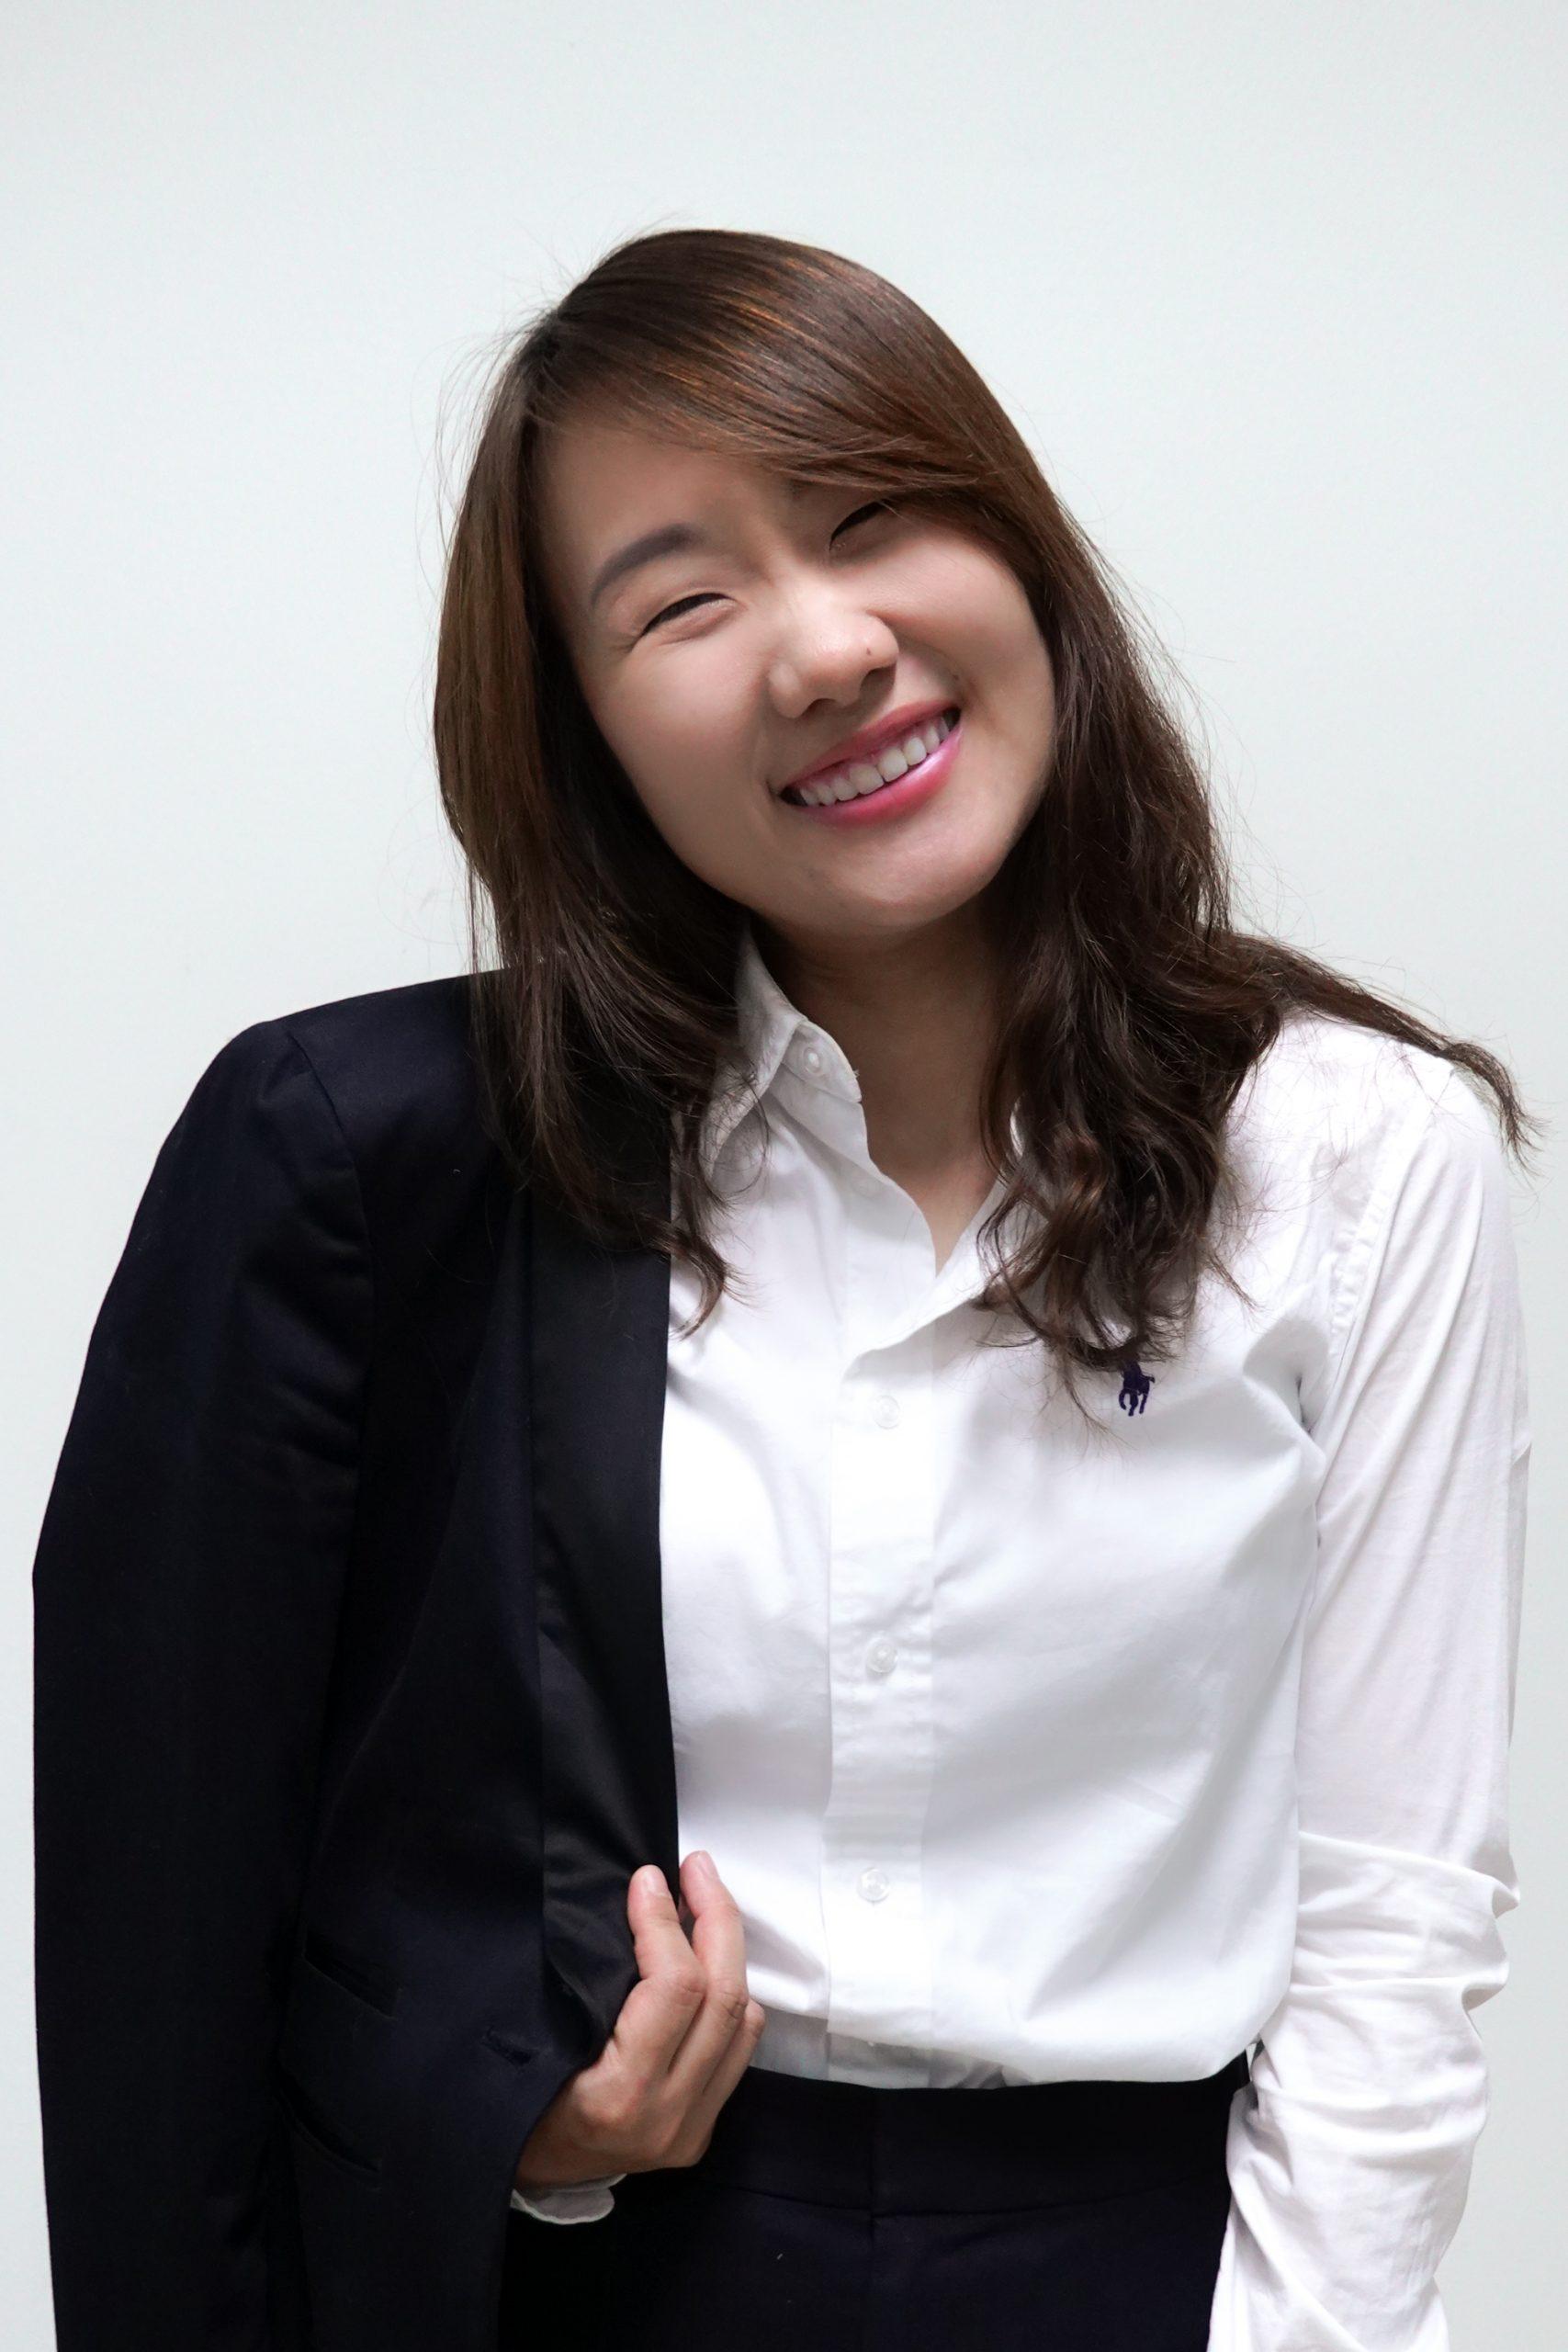 Patricia Duangcham